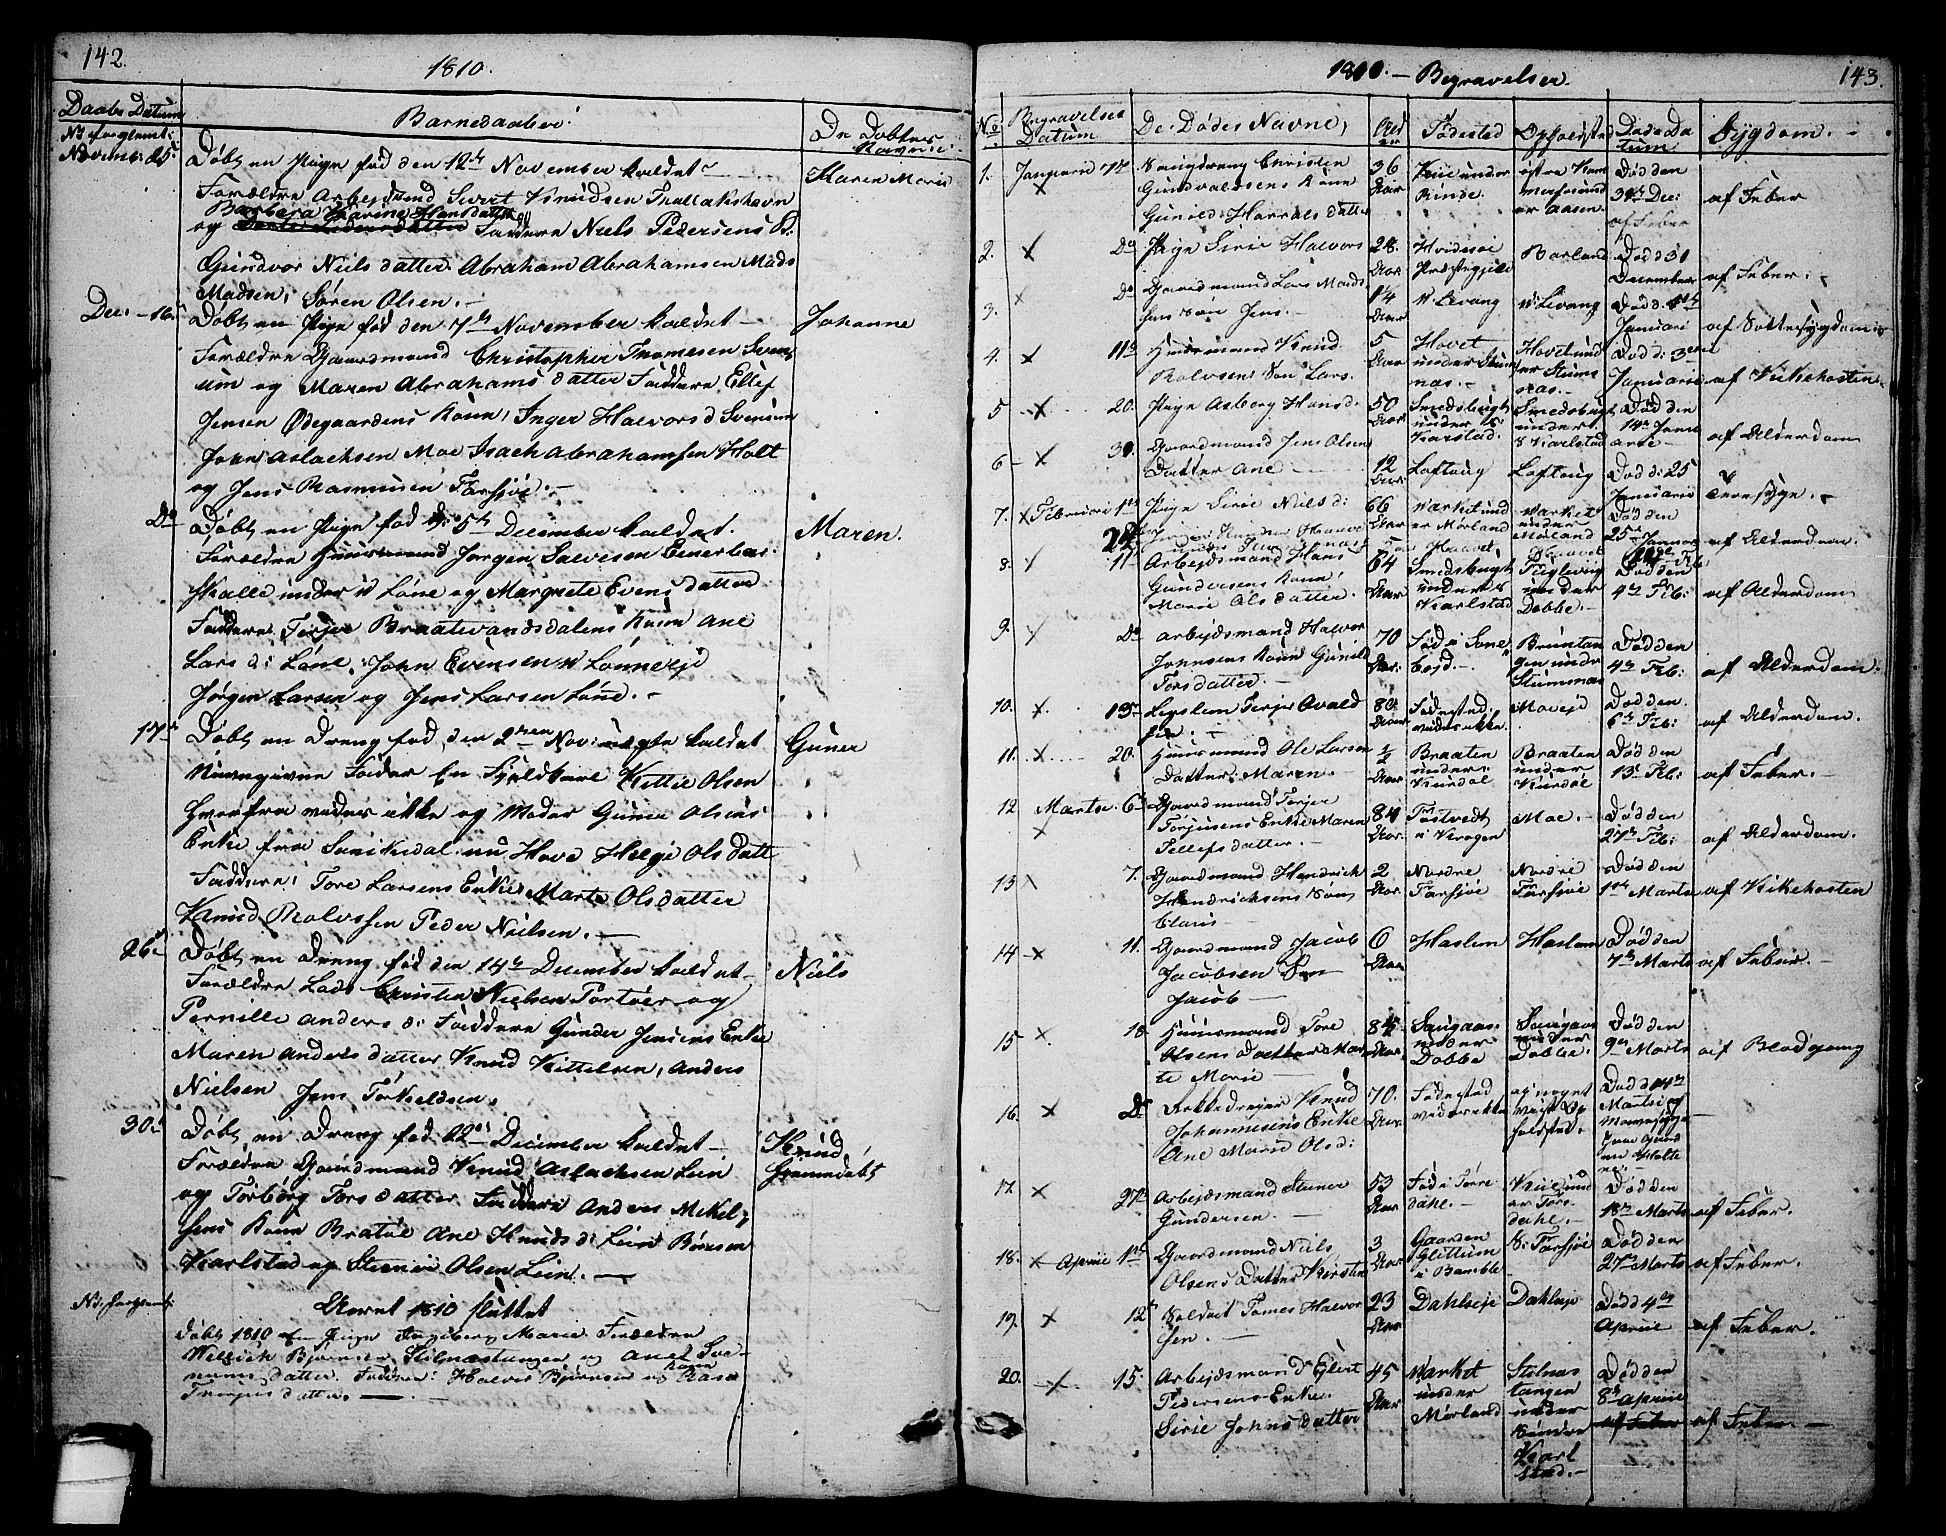 SAKO, Sannidal kirkebøker, F/Fa/L0003: Ministerialbok nr. 3, 1803-1813, s. 142-143